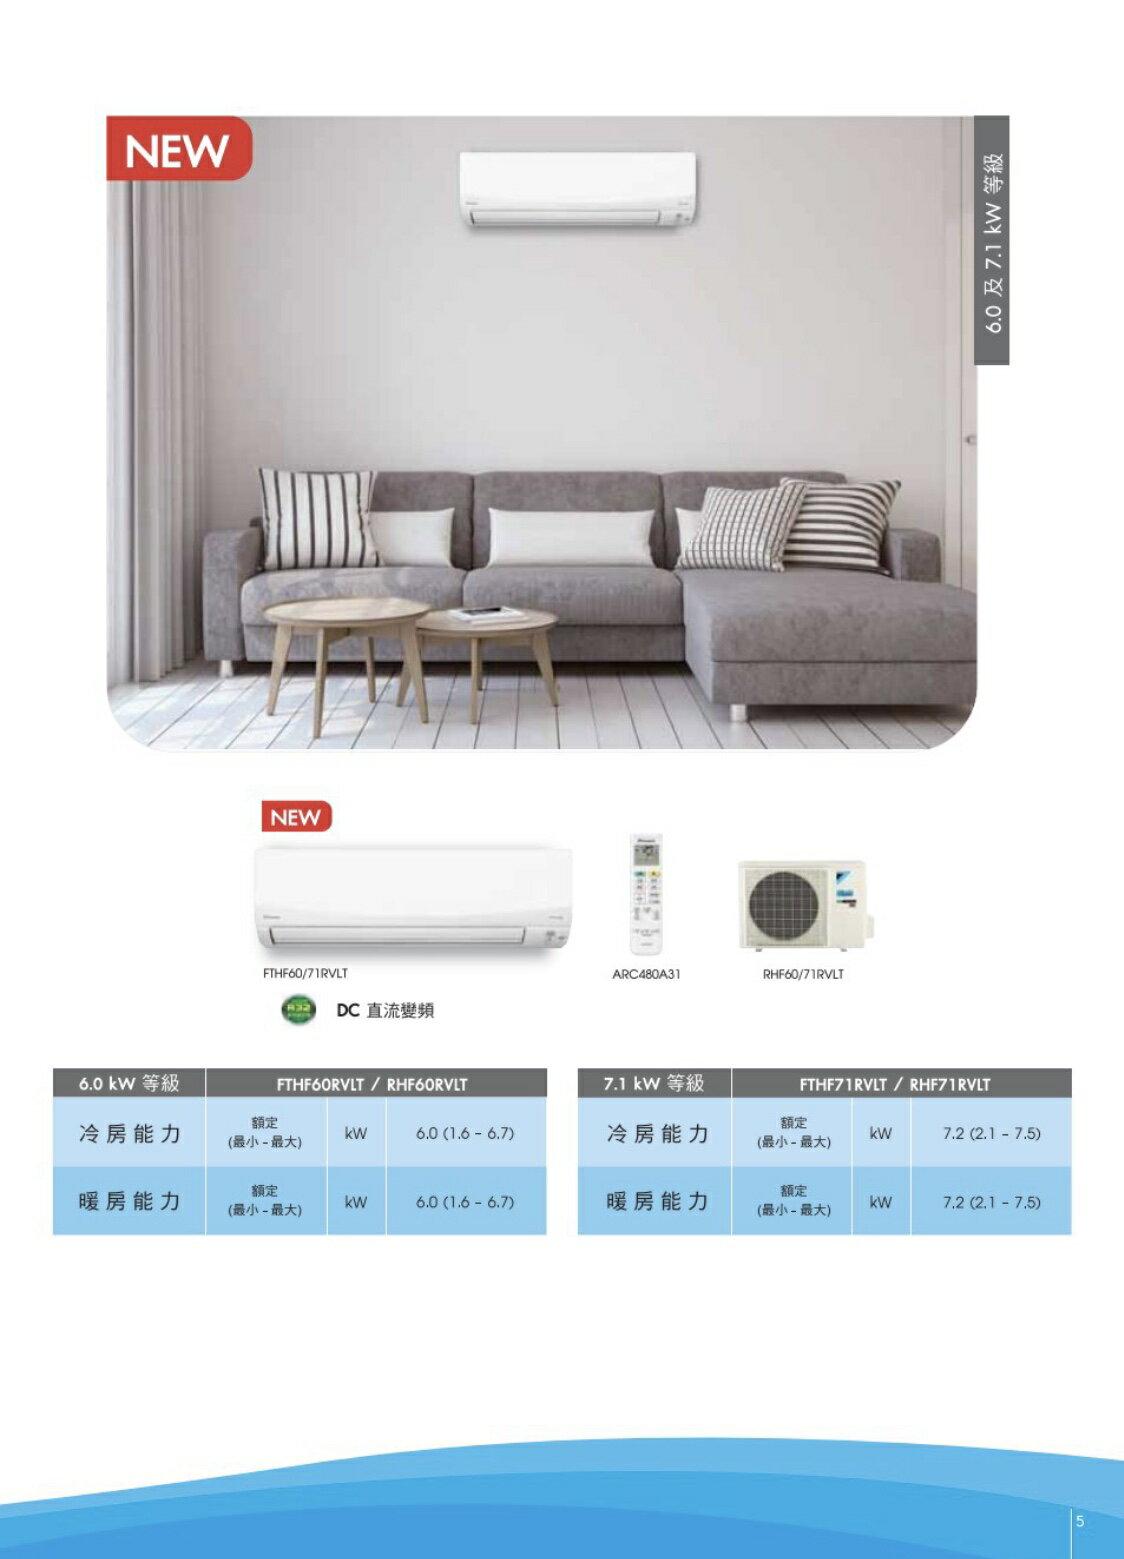 大金冷暖變頻分離式FTHF20RVLT 省電 PM2.5除塵 高品質 靜音 4